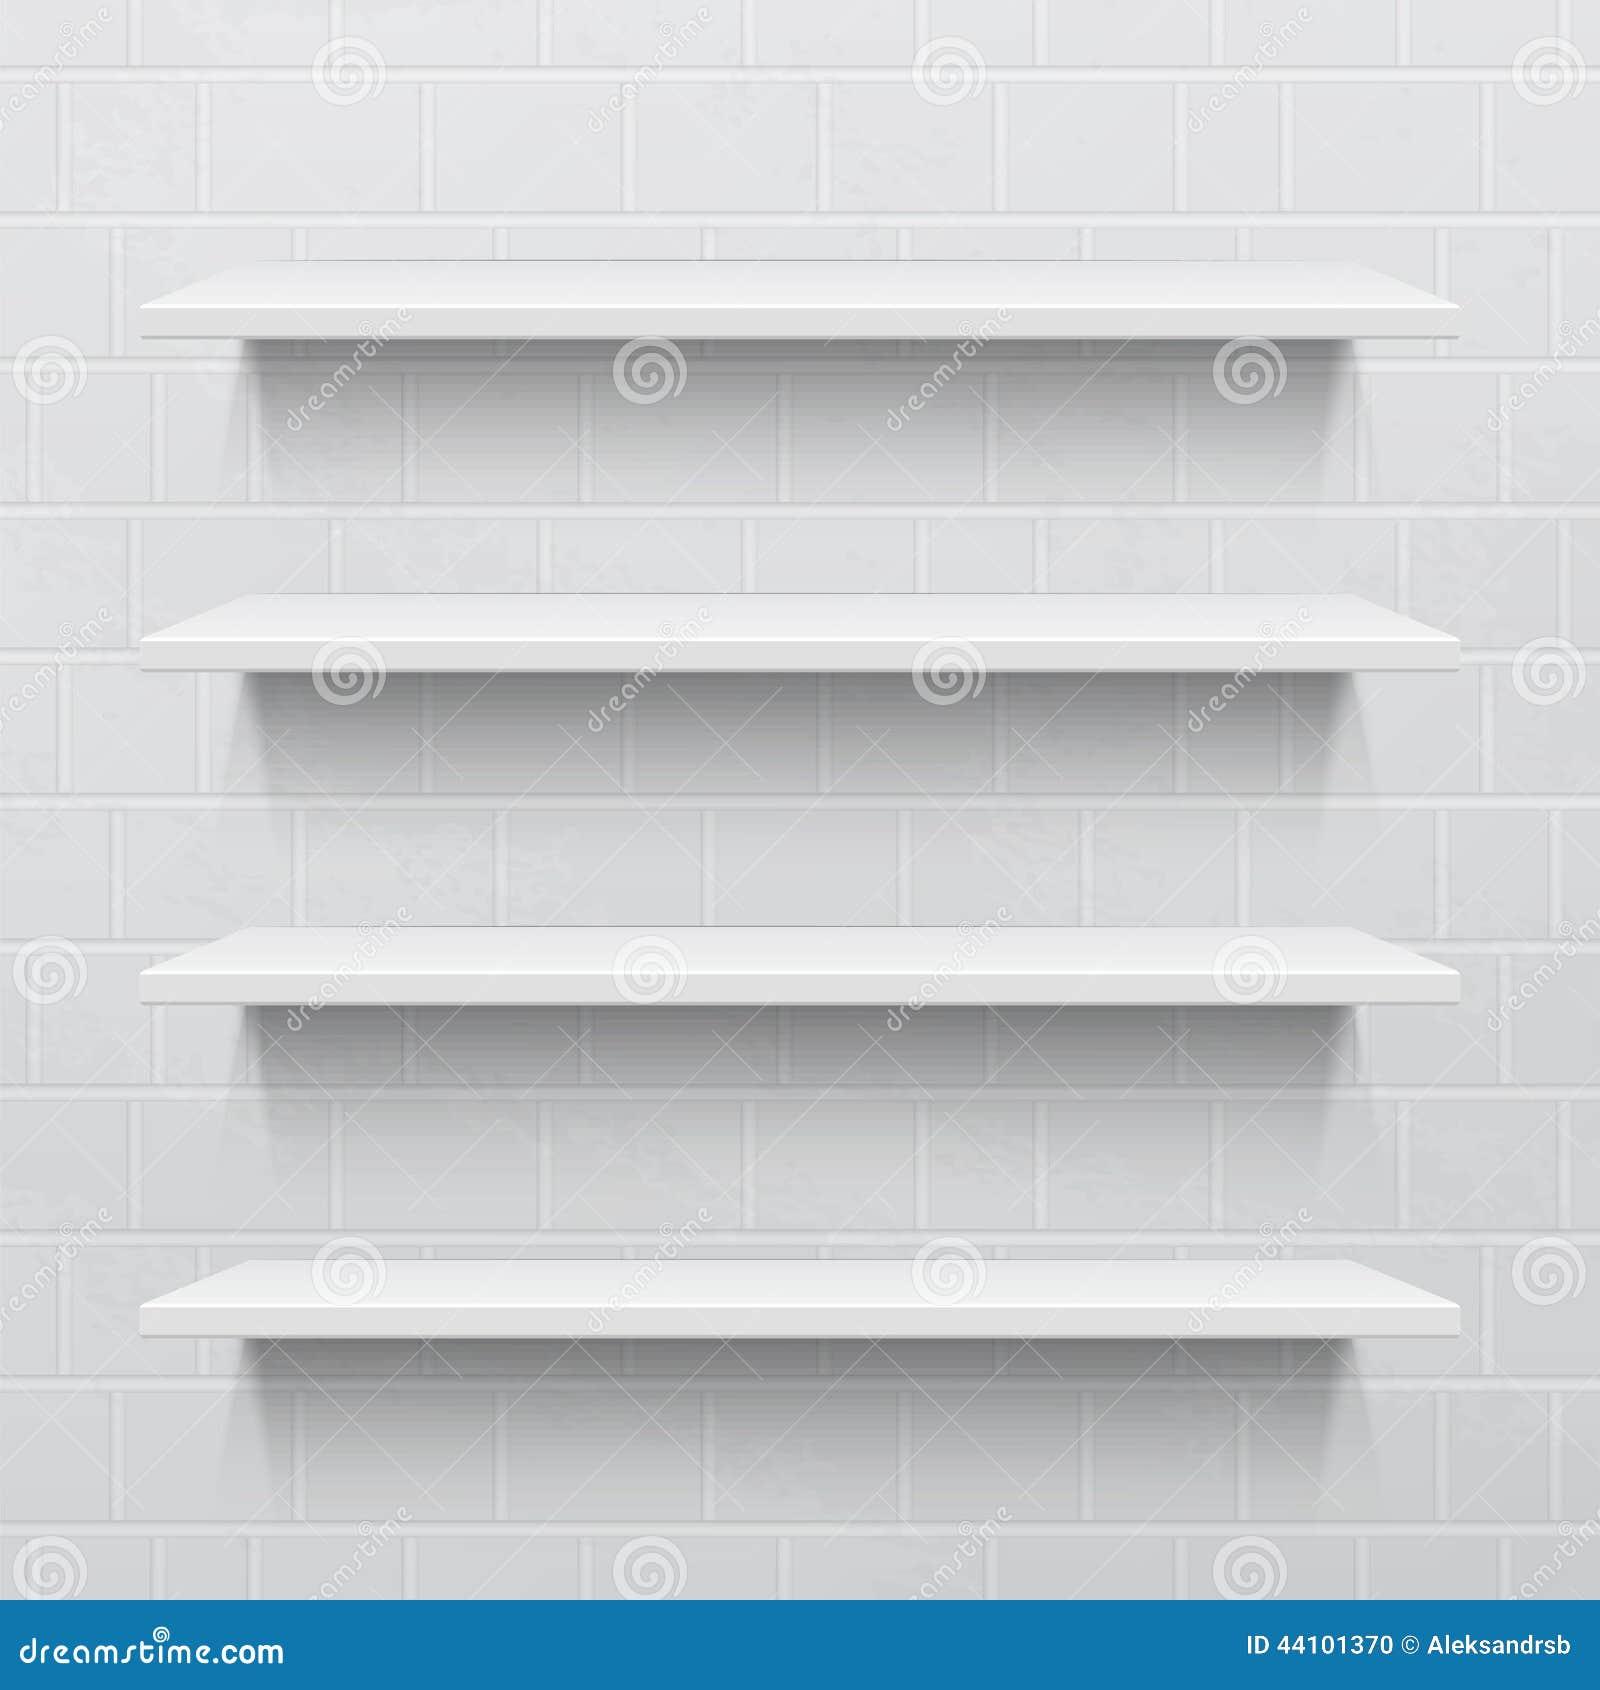 Planken Tegen Muur.Vier Witte Realistische Planken Tegen Bakstenen Muur Vector